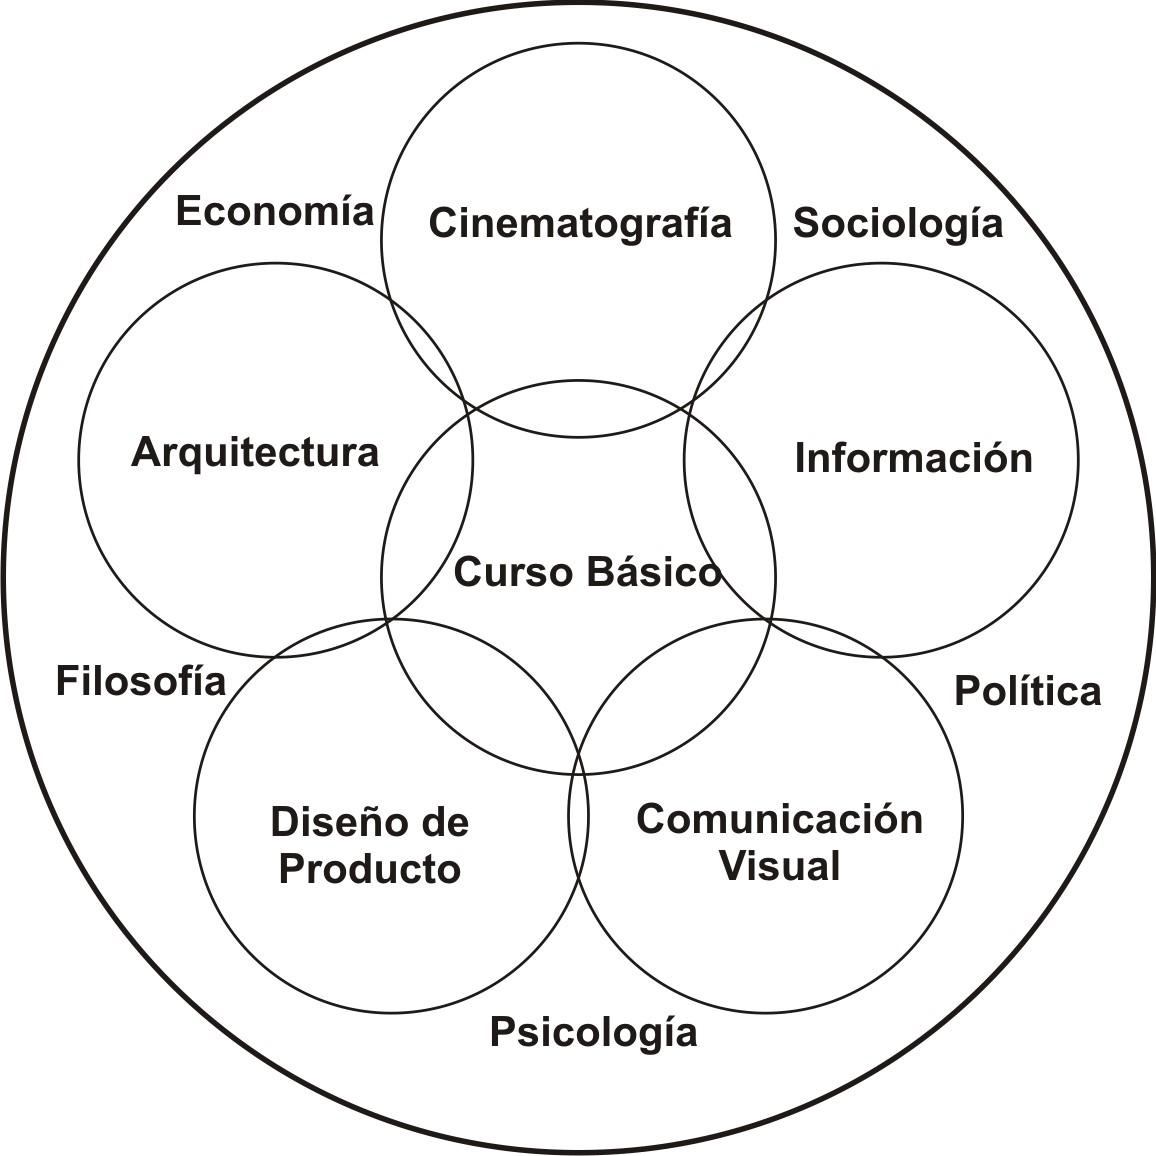 Esquema pedagógico de la HfG de Ulm. La escuela de diseño se caracterizó por formular un esquema de enseñanza basado en el arte y la ciencia.